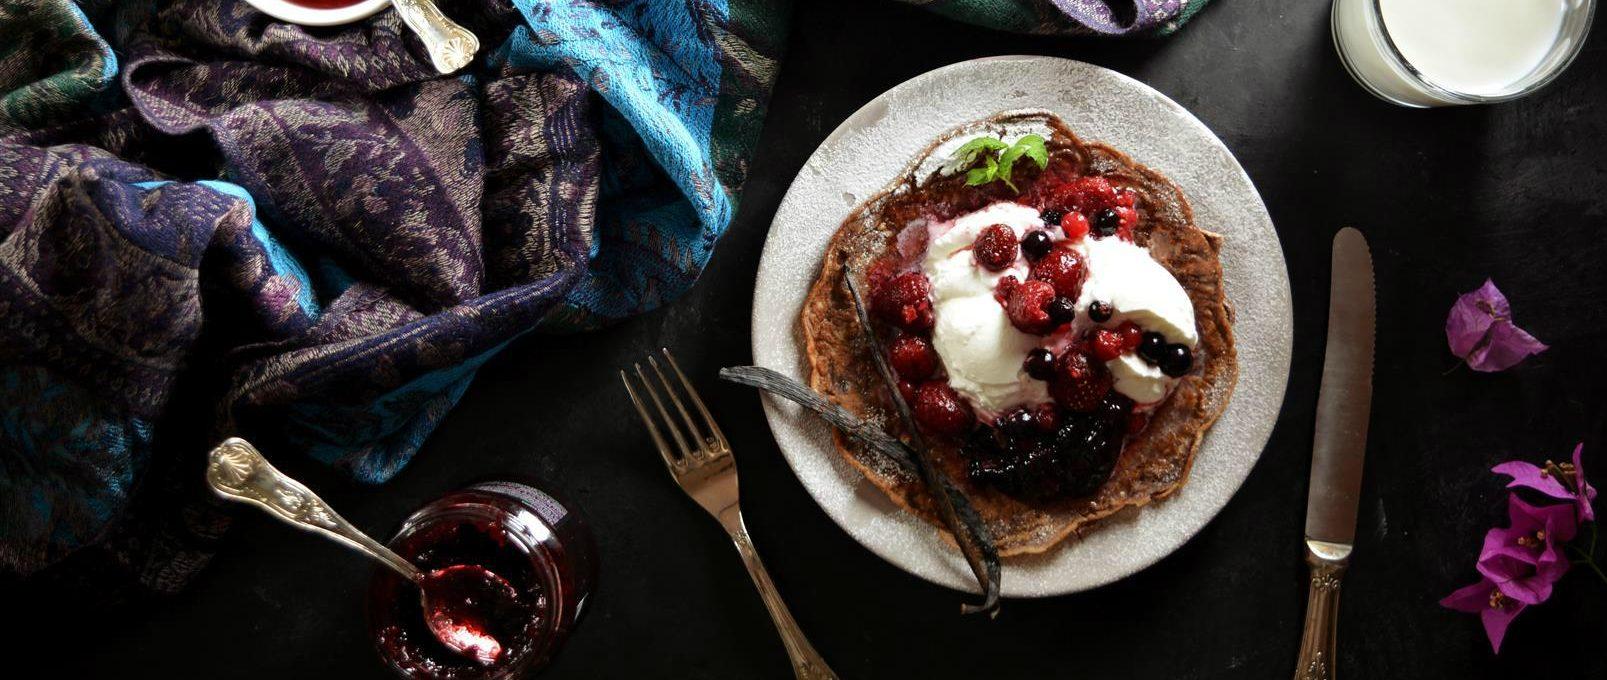 Кето-блинчики с ягодами и греческим йогуртом